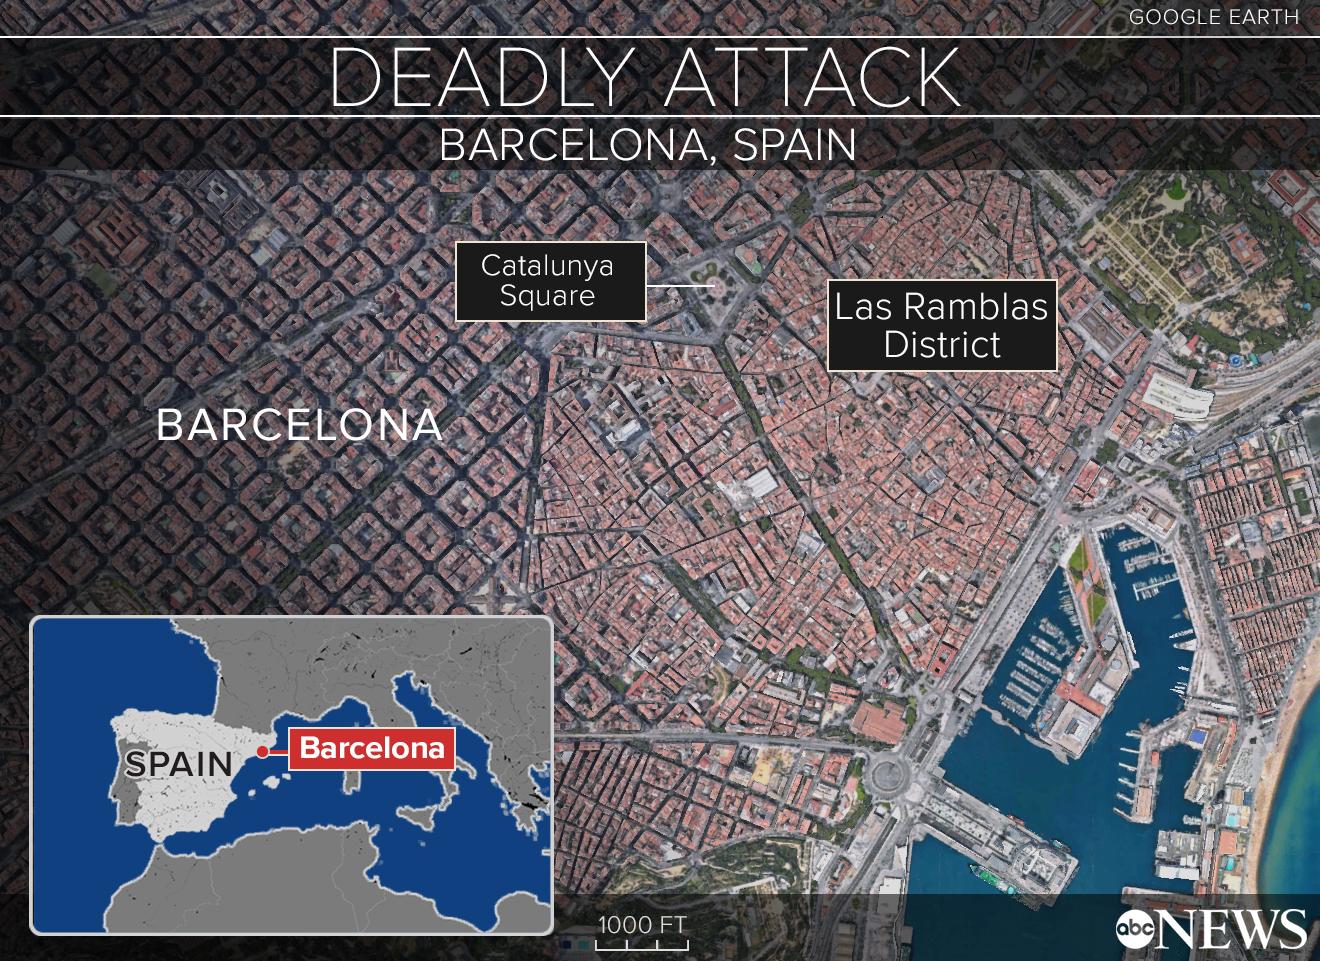 barcelonaattack_map